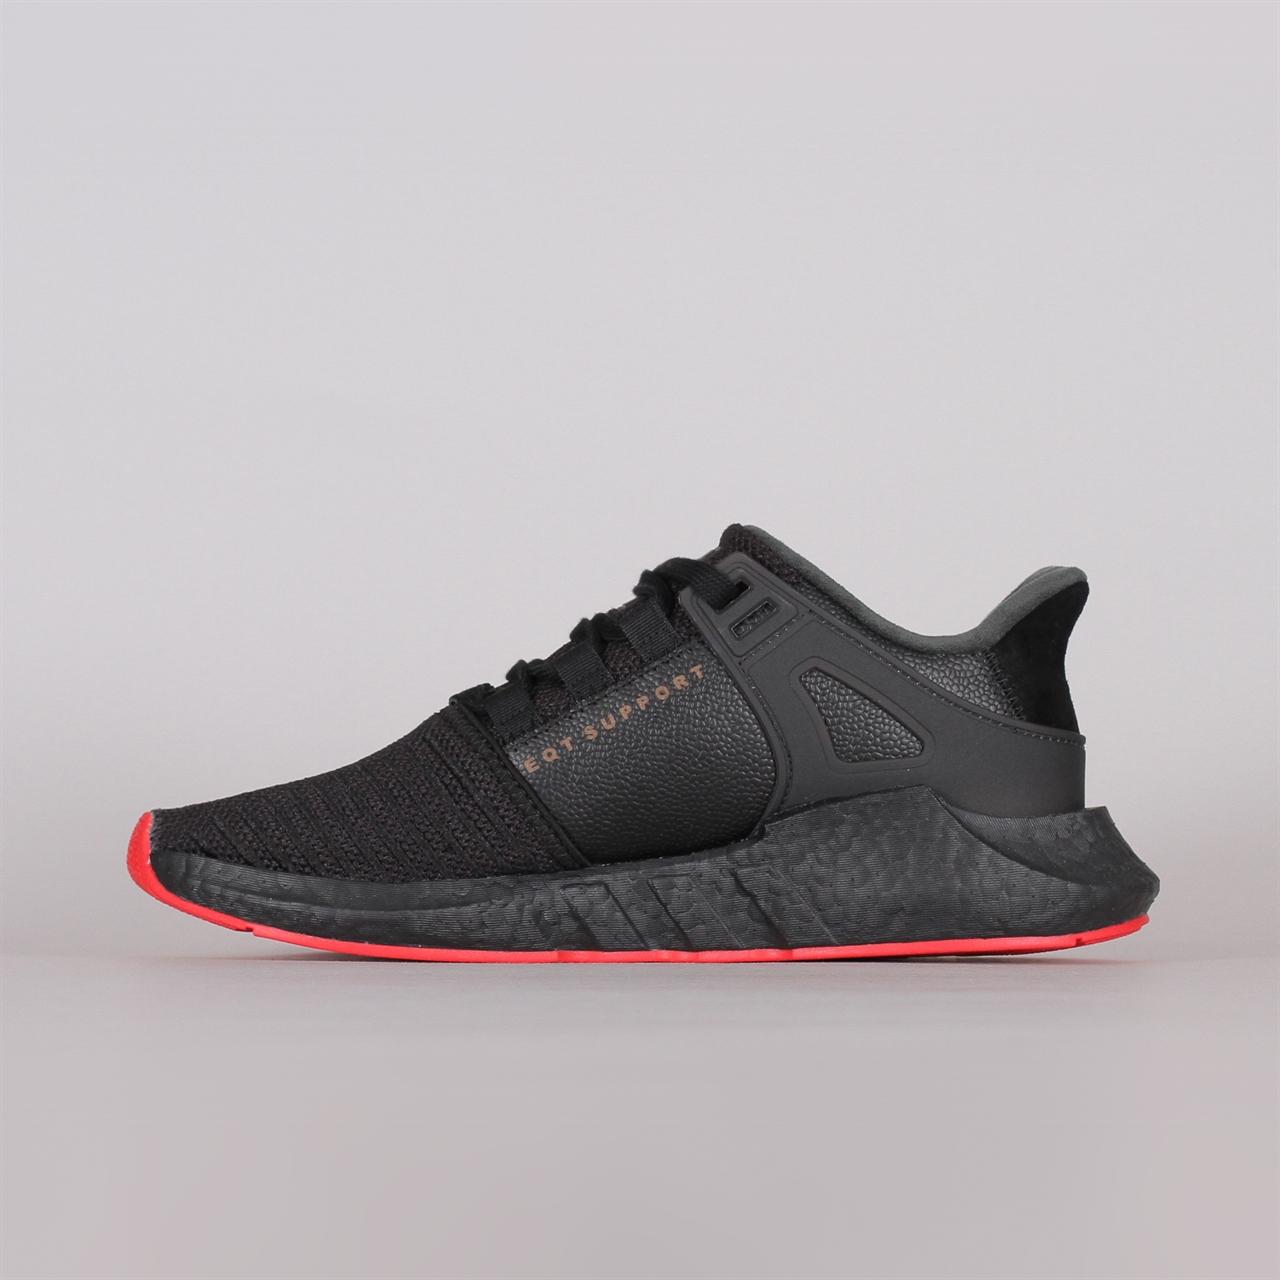 low cost 11126 1bb49 Shelta - Adidas Originals EQT Support 9317 (CQ2394)